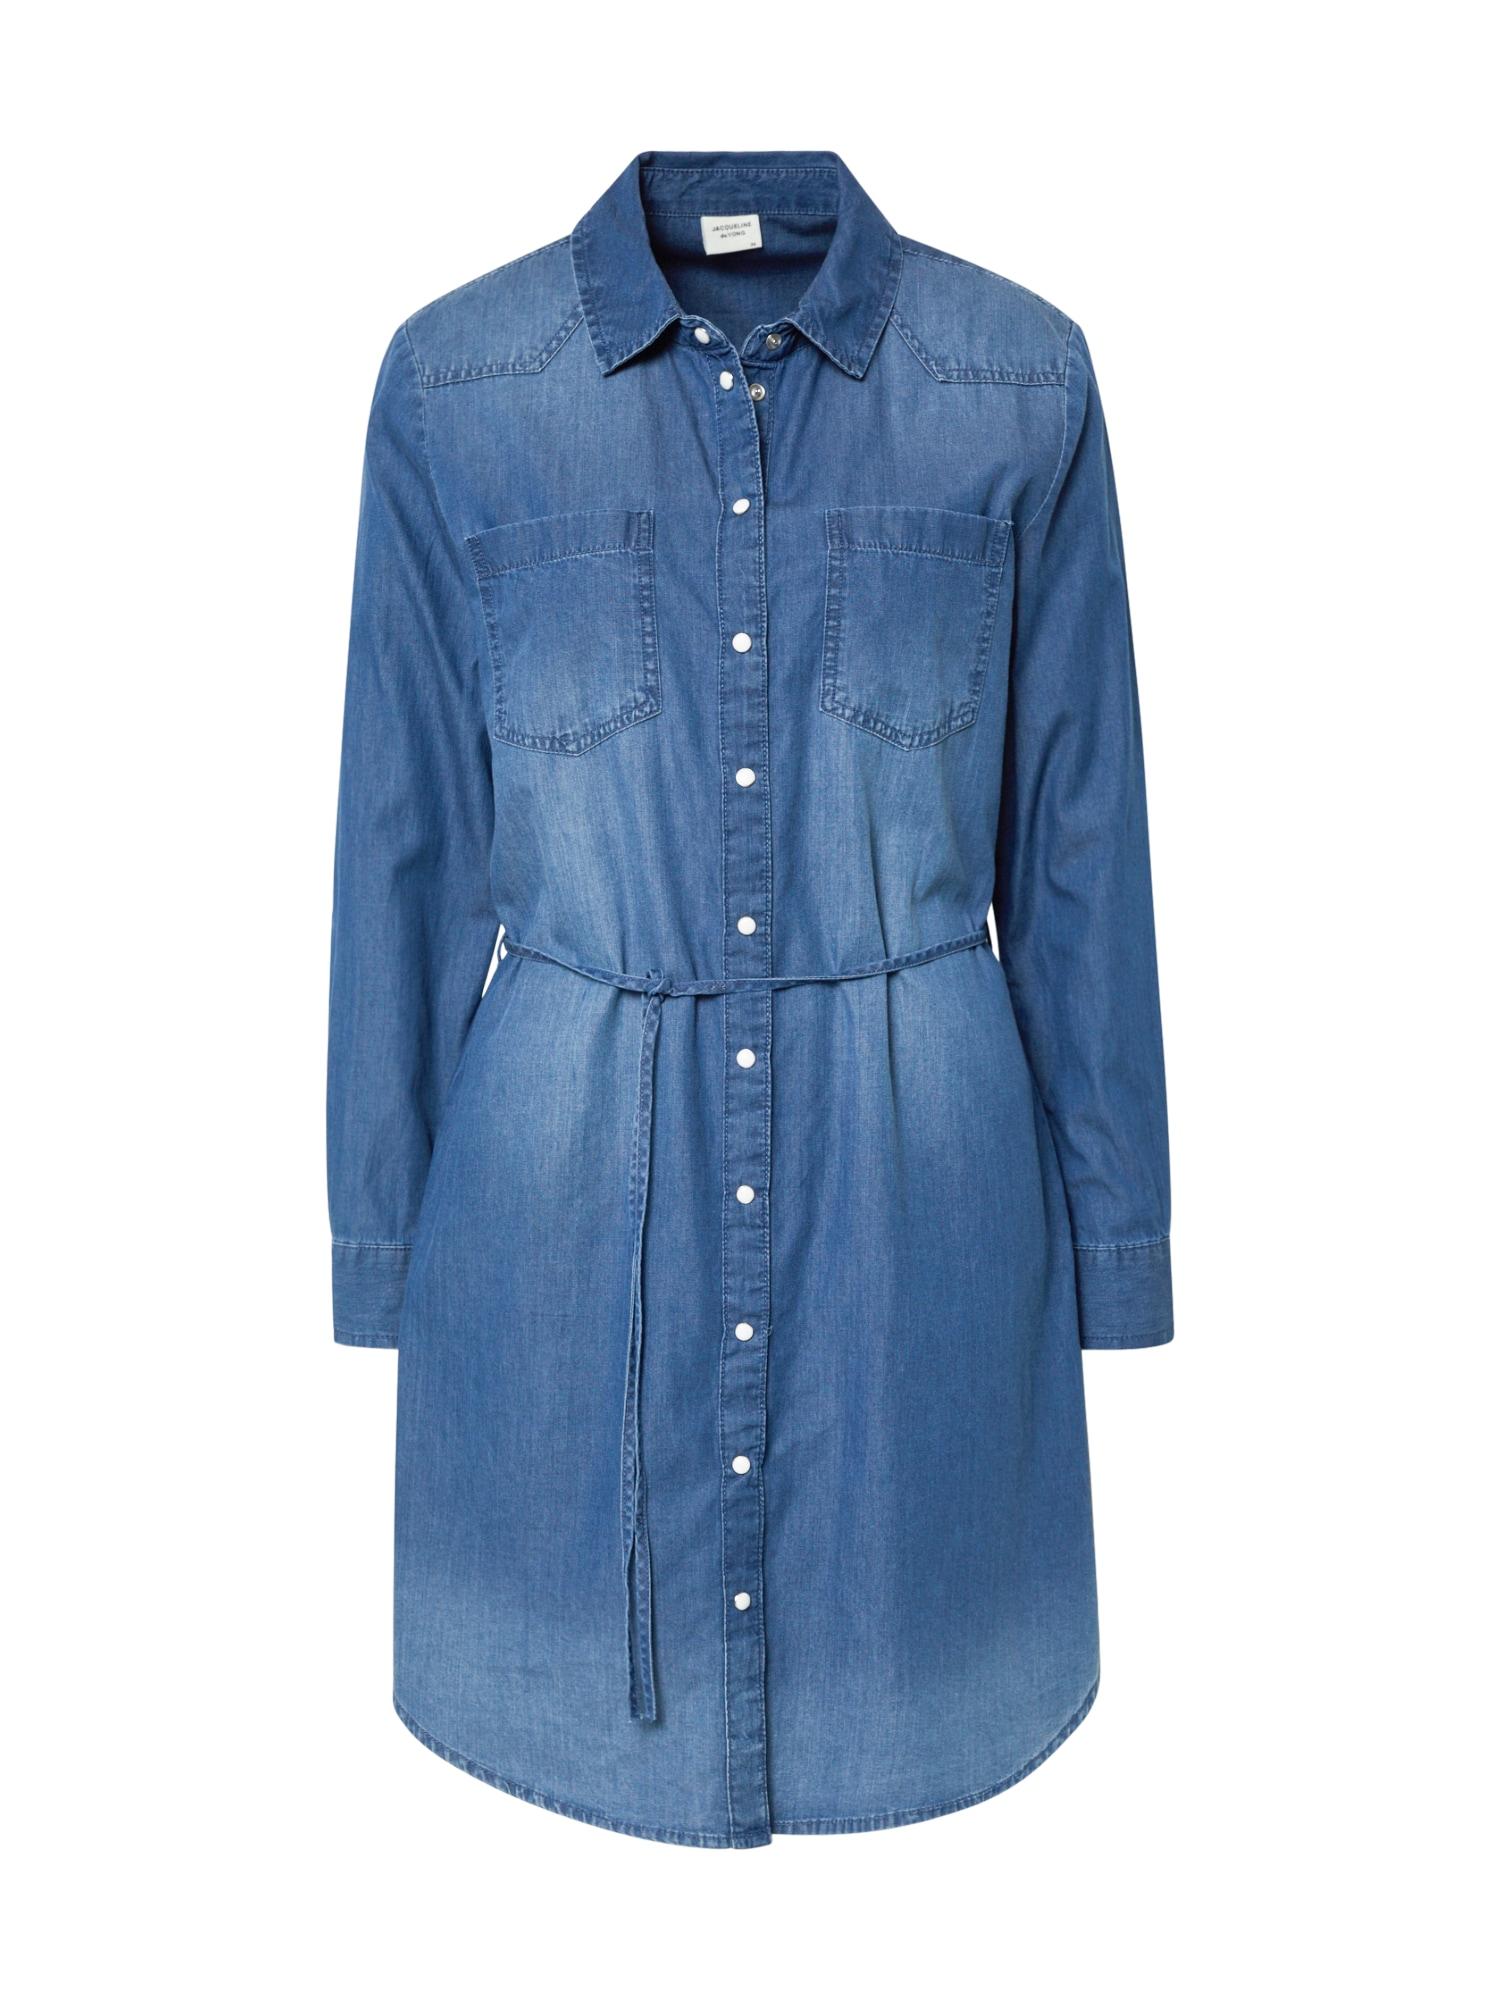 JACQUELINE de YONG Palaidinės tipo suknelė 'JDYBILL' tamsiai (džinso) mėlyna